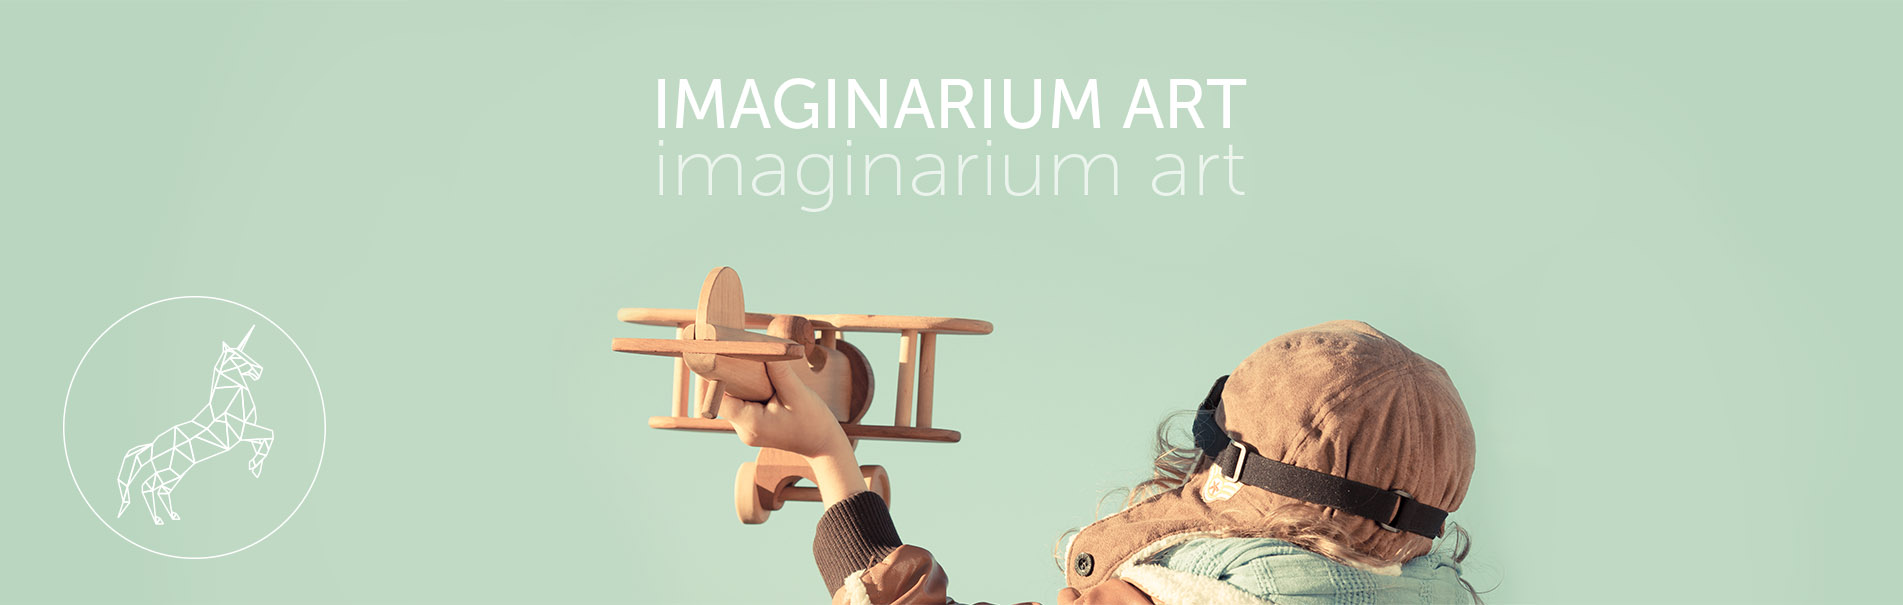 Imaginarium Art